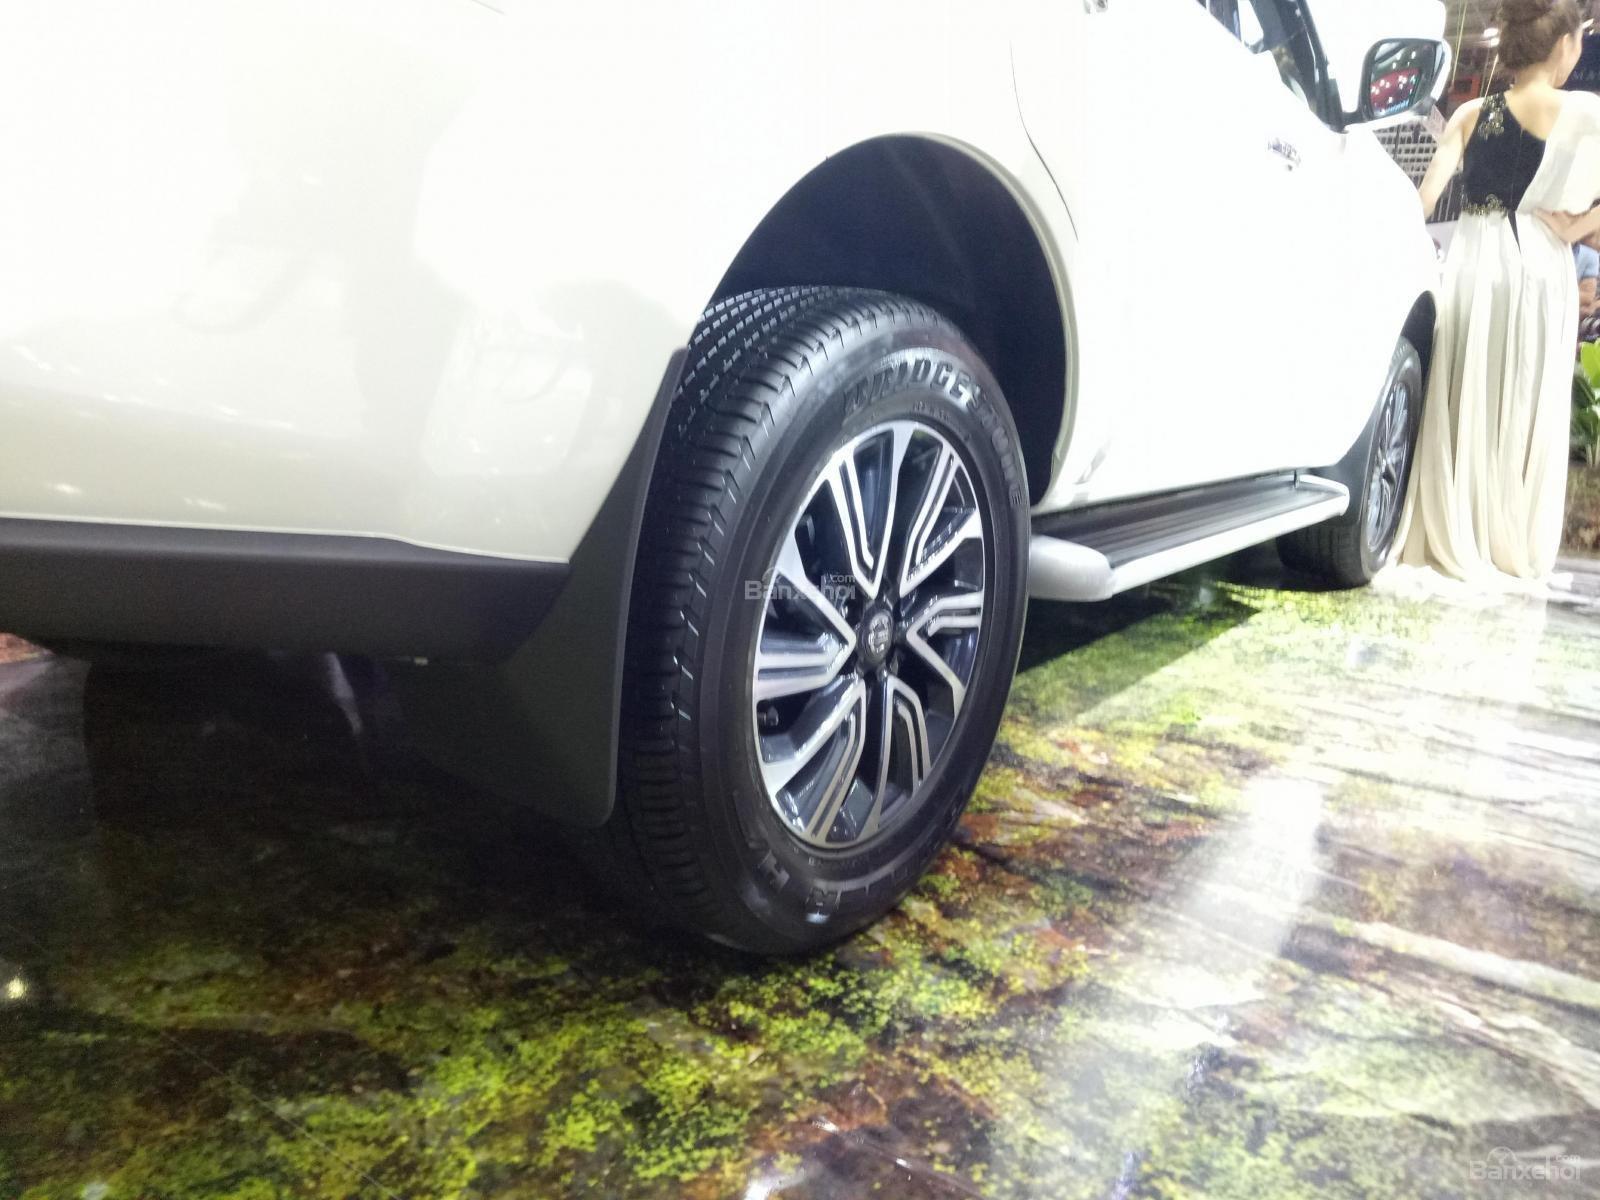 Đánh giá xe Nissan Terra 2019: Lă-zăng đa chấu 1